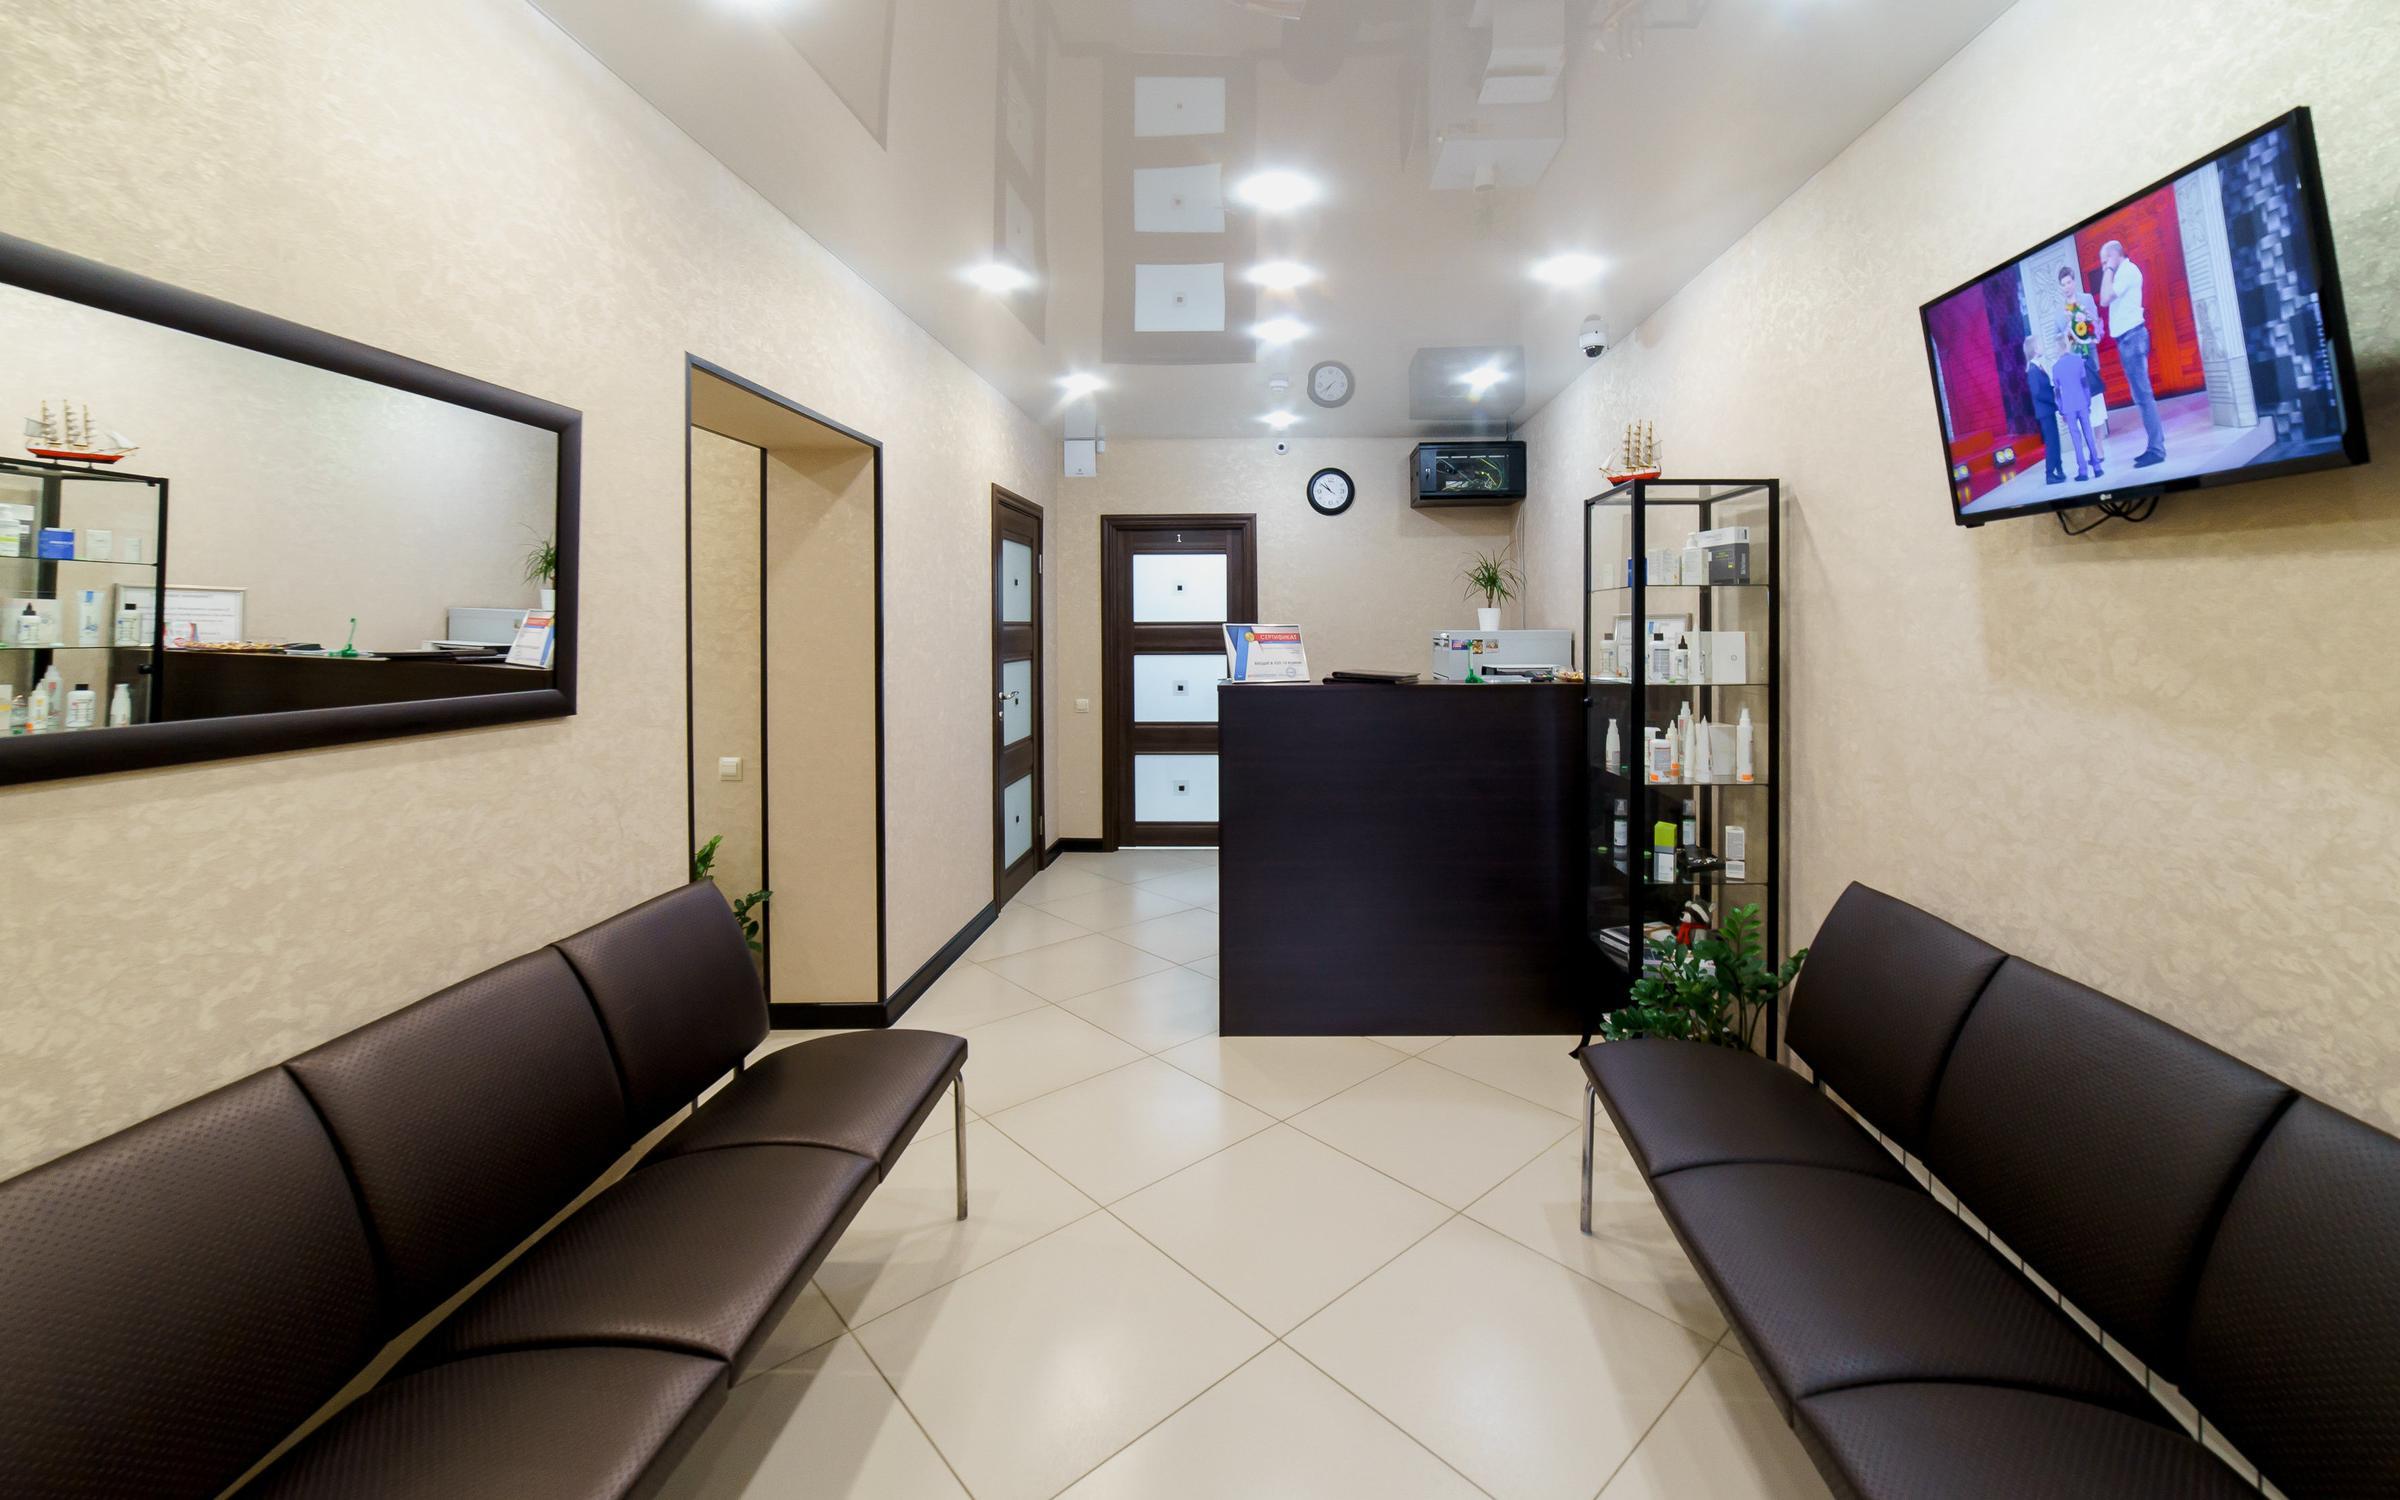 фотография Многопрофильной клиники Л-Мед на Пролетарской улице